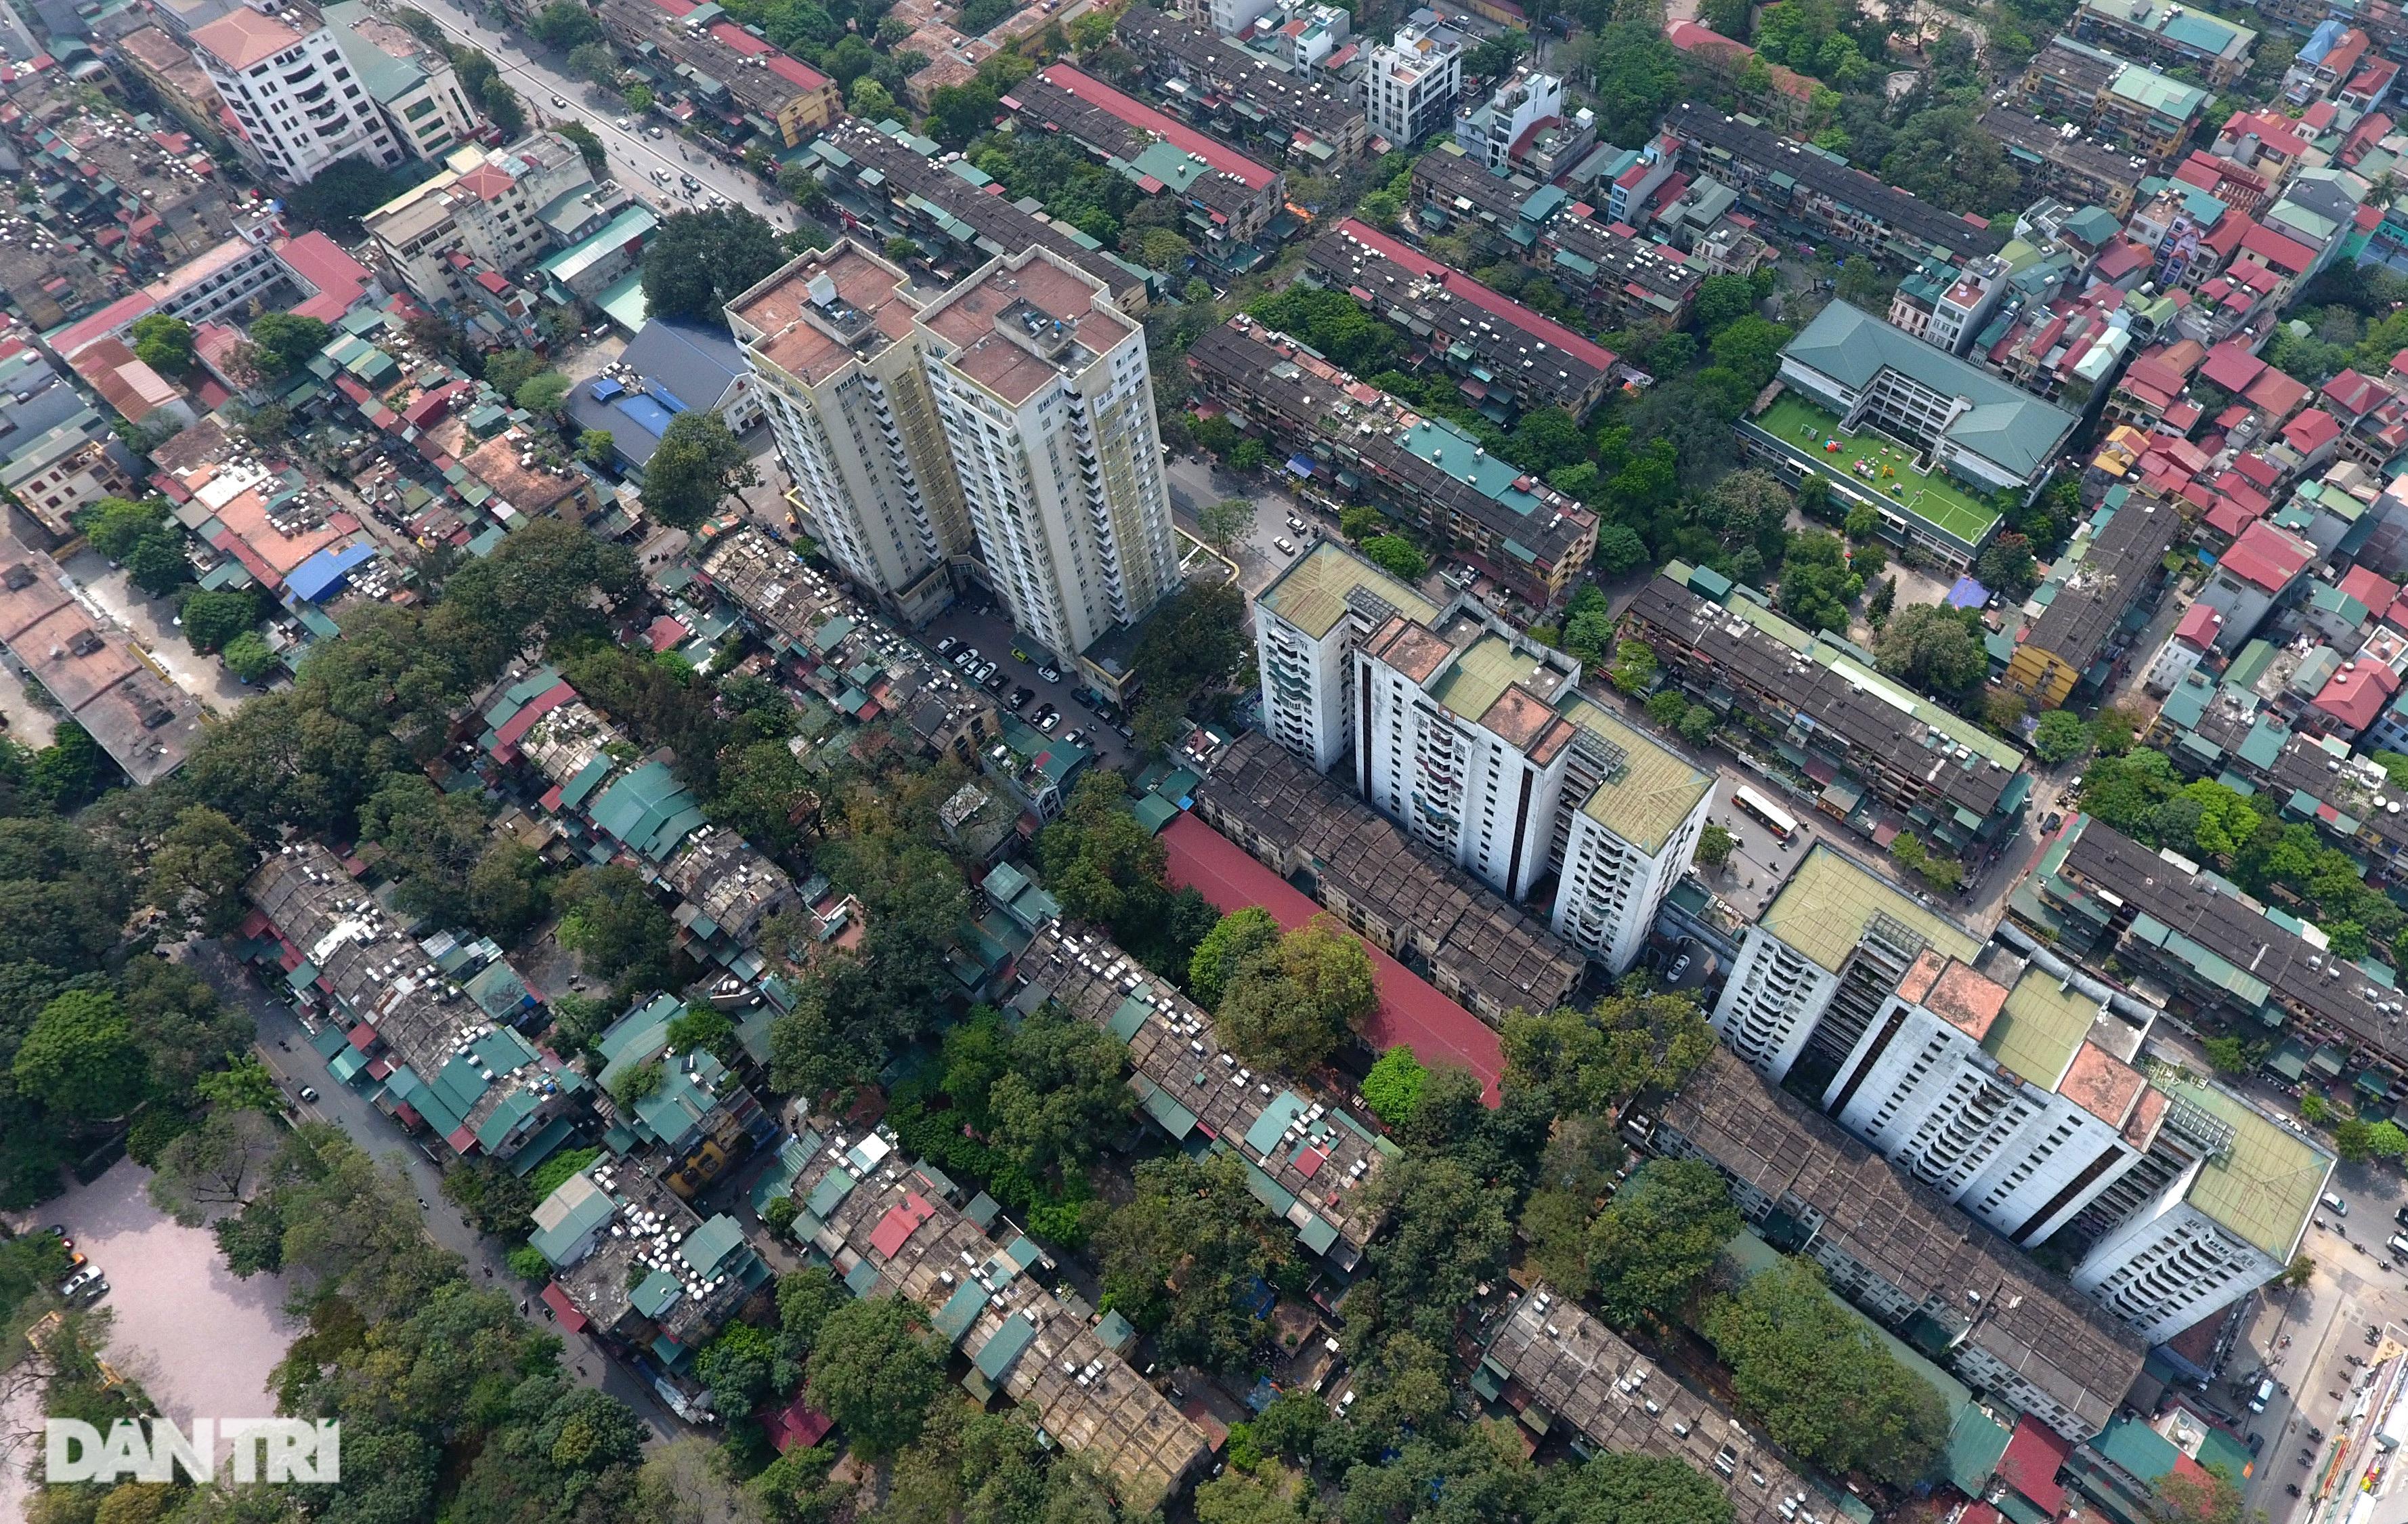 Điểm danh chung cư tập thể cũ xuống cấp, hư hỏng nặng để cải tạo, xây mới - 13